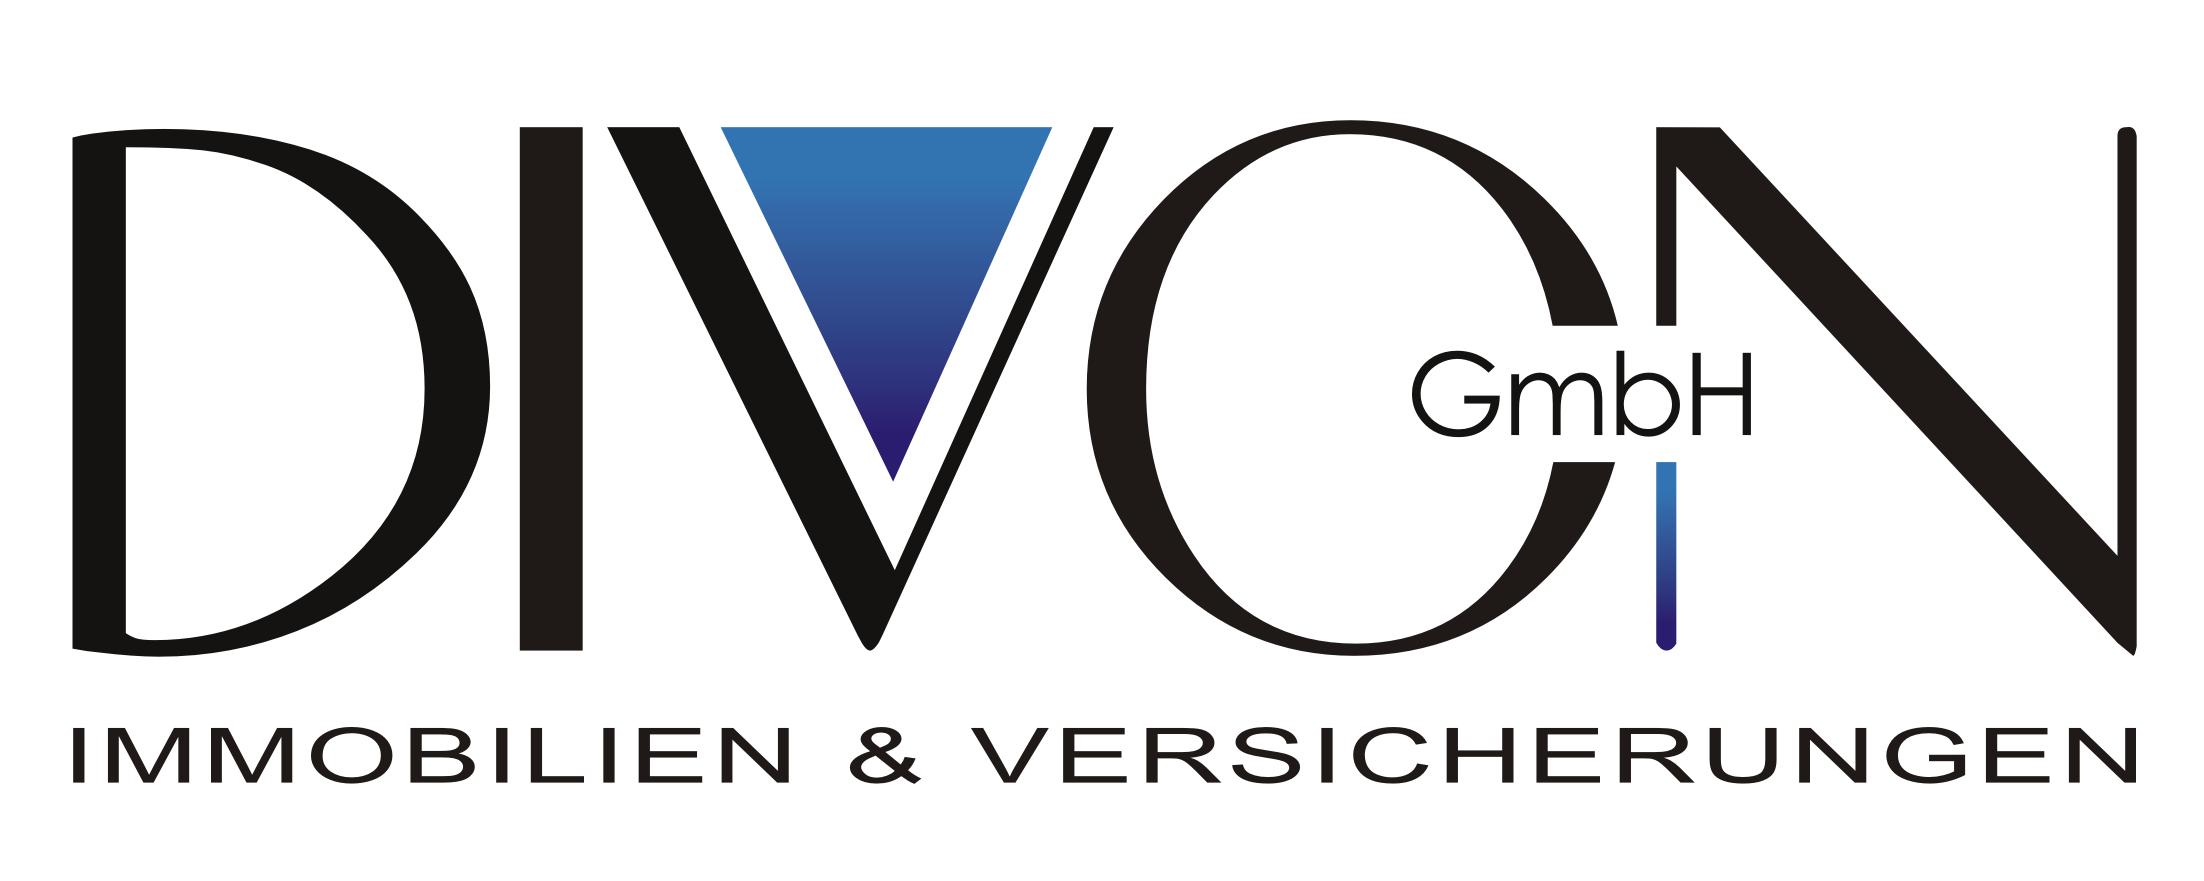 DIVON GmbH